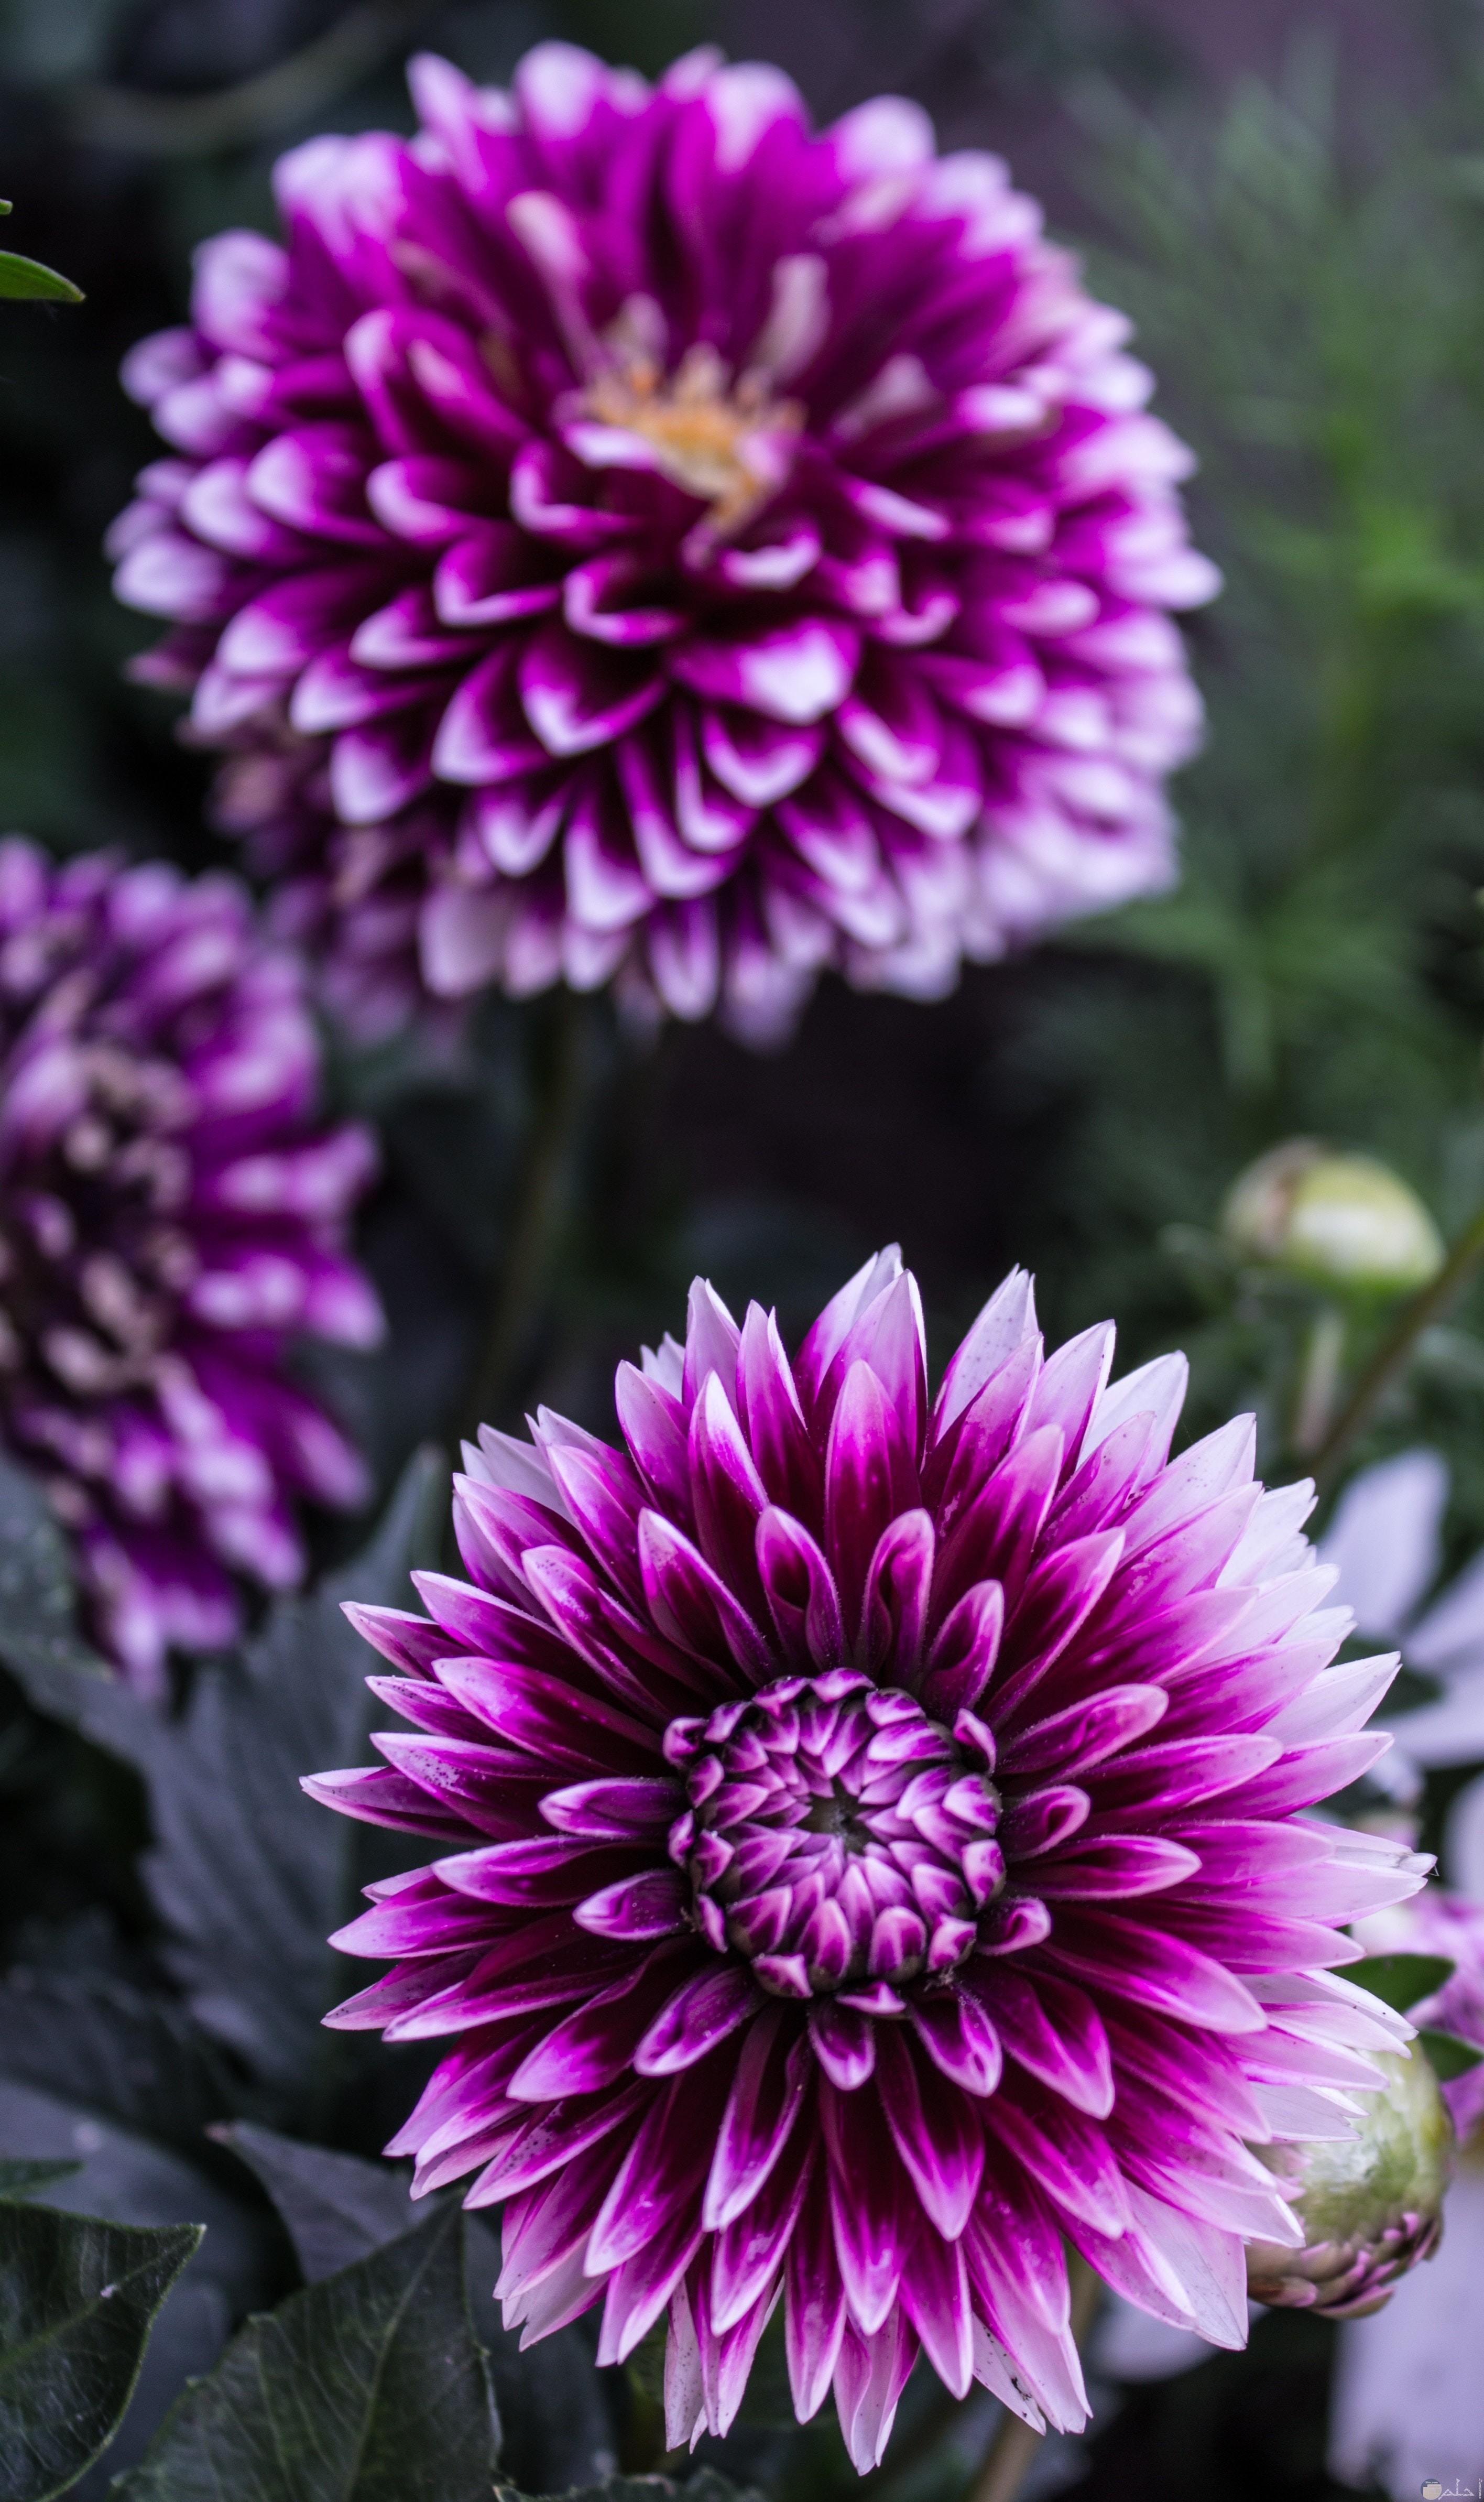 صور ورد بنفسجي تشبه زهرة عباد الشمس